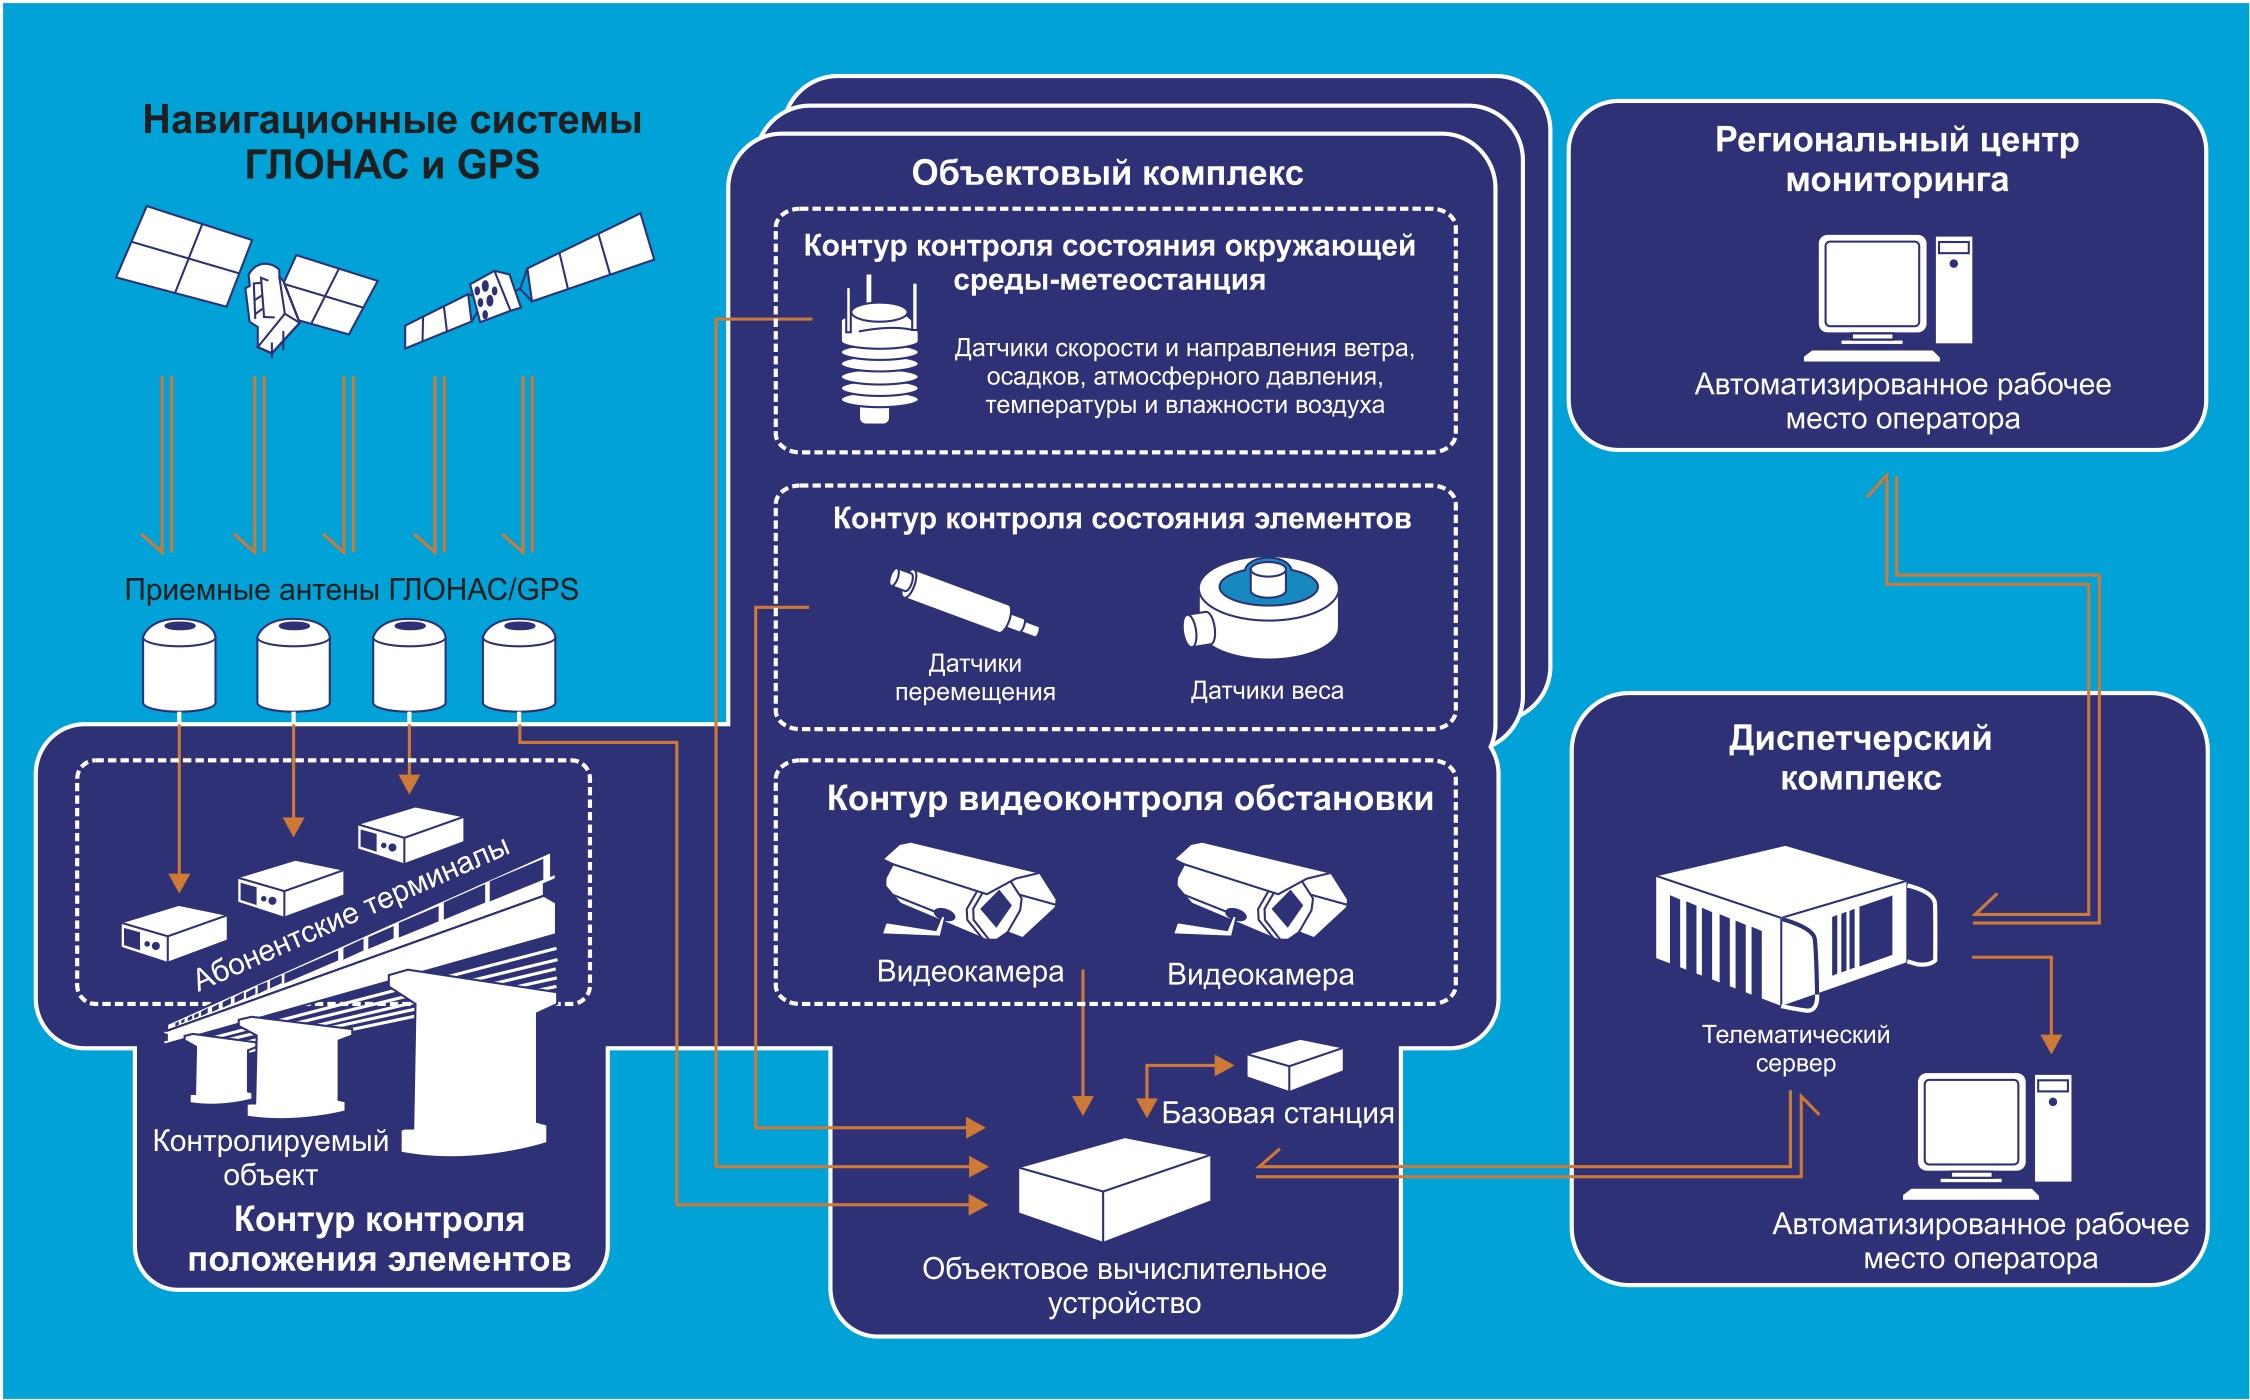 Структурная схема системы контроля деформаций и смещений